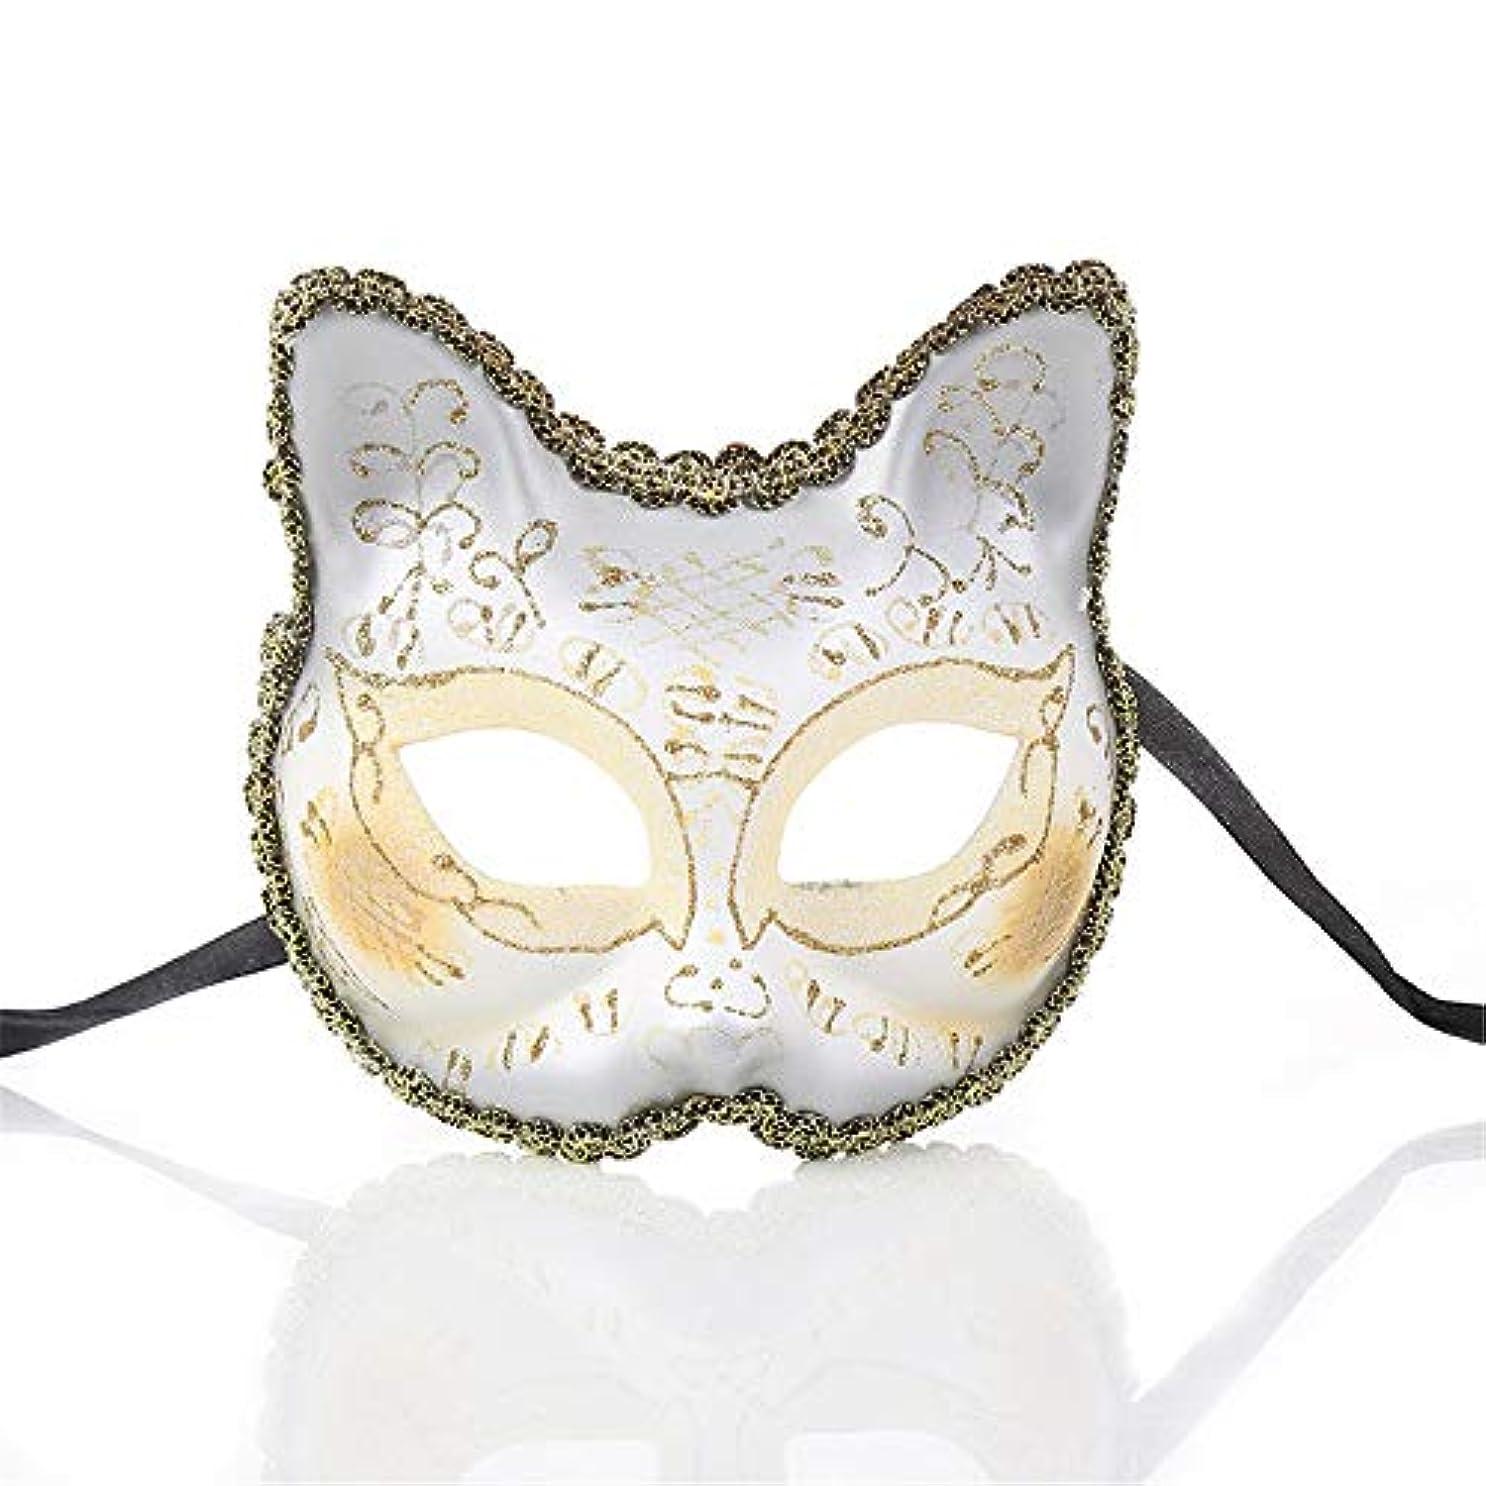 協力する再現する息苦しいダンスマスク ワイルドマスカレードロールプレイングパーティーの小道具ナイトクラブのマスクの雰囲気クリスマスフェスティバルロールプレイングプラスチックマスク ホリデーパーティー用品 (色 : 白, サイズ : 13x13cm)